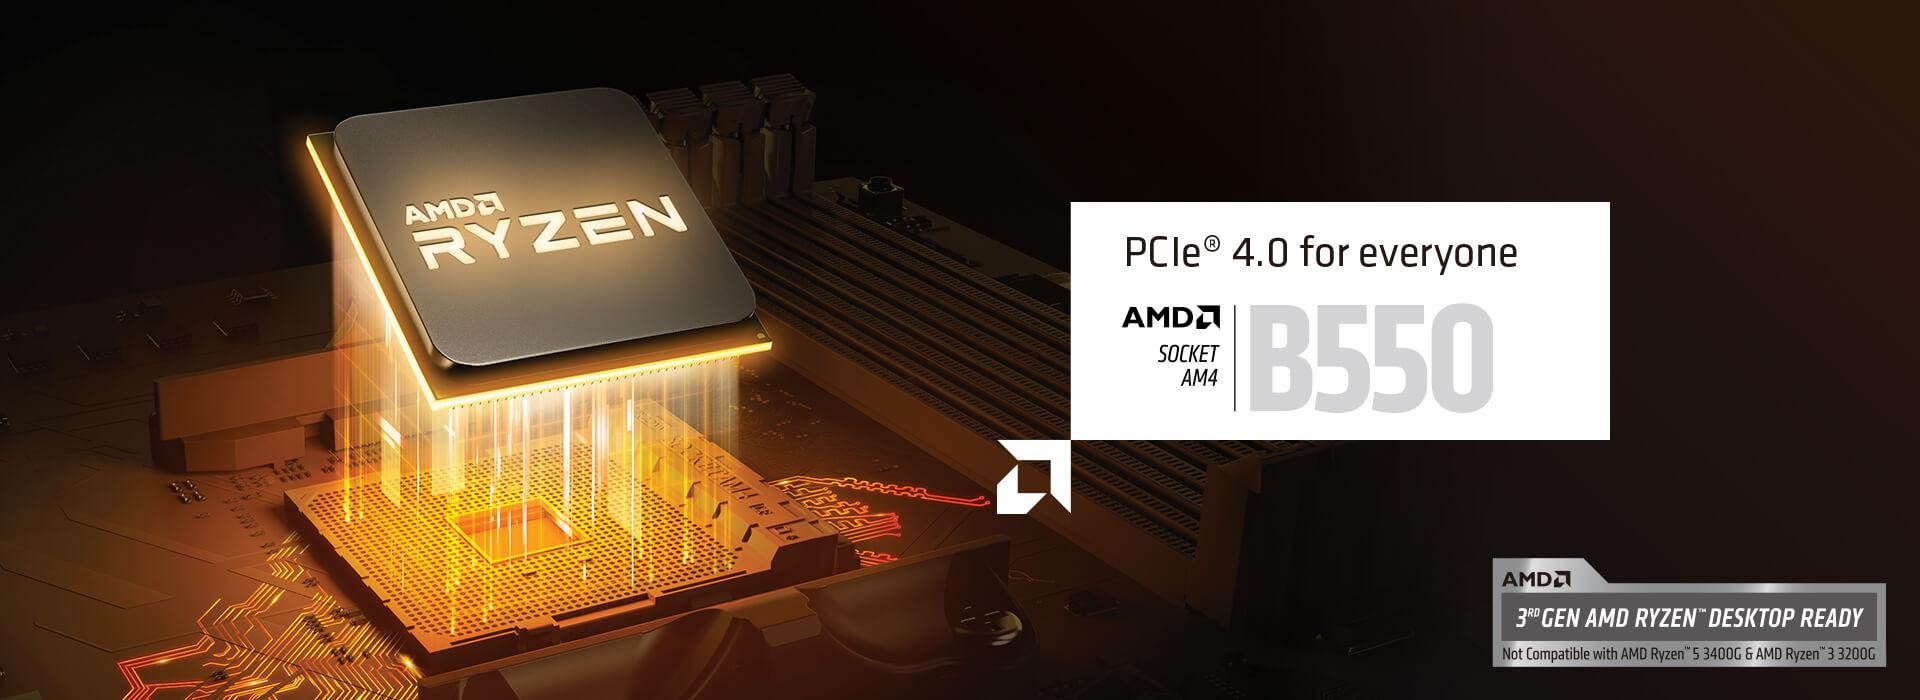 PCIe 4.0 for everyone. AMD SOCKET AM$ B550. 3rd GEN AMD RYZEN DESKTOP READY. Not Compatible with AMD Ryzen 5 3400G & AMD Ryzen 3 3200G.